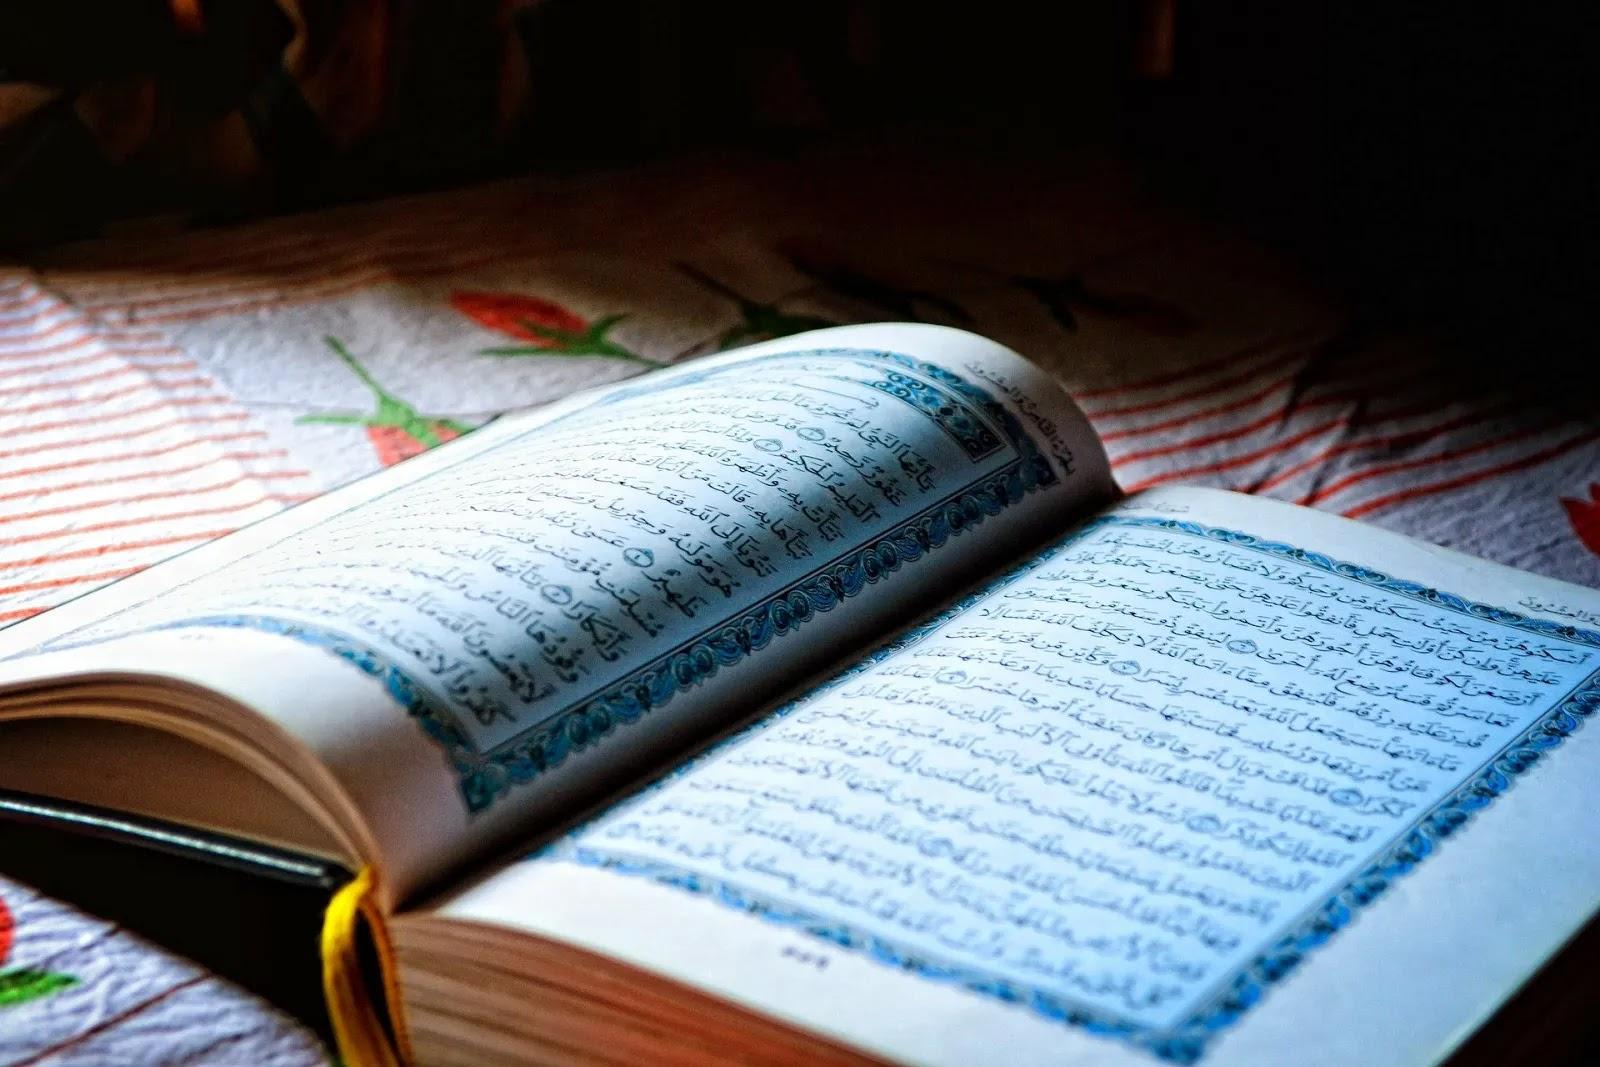 احدث الخلفيات الاسلامية المميزة